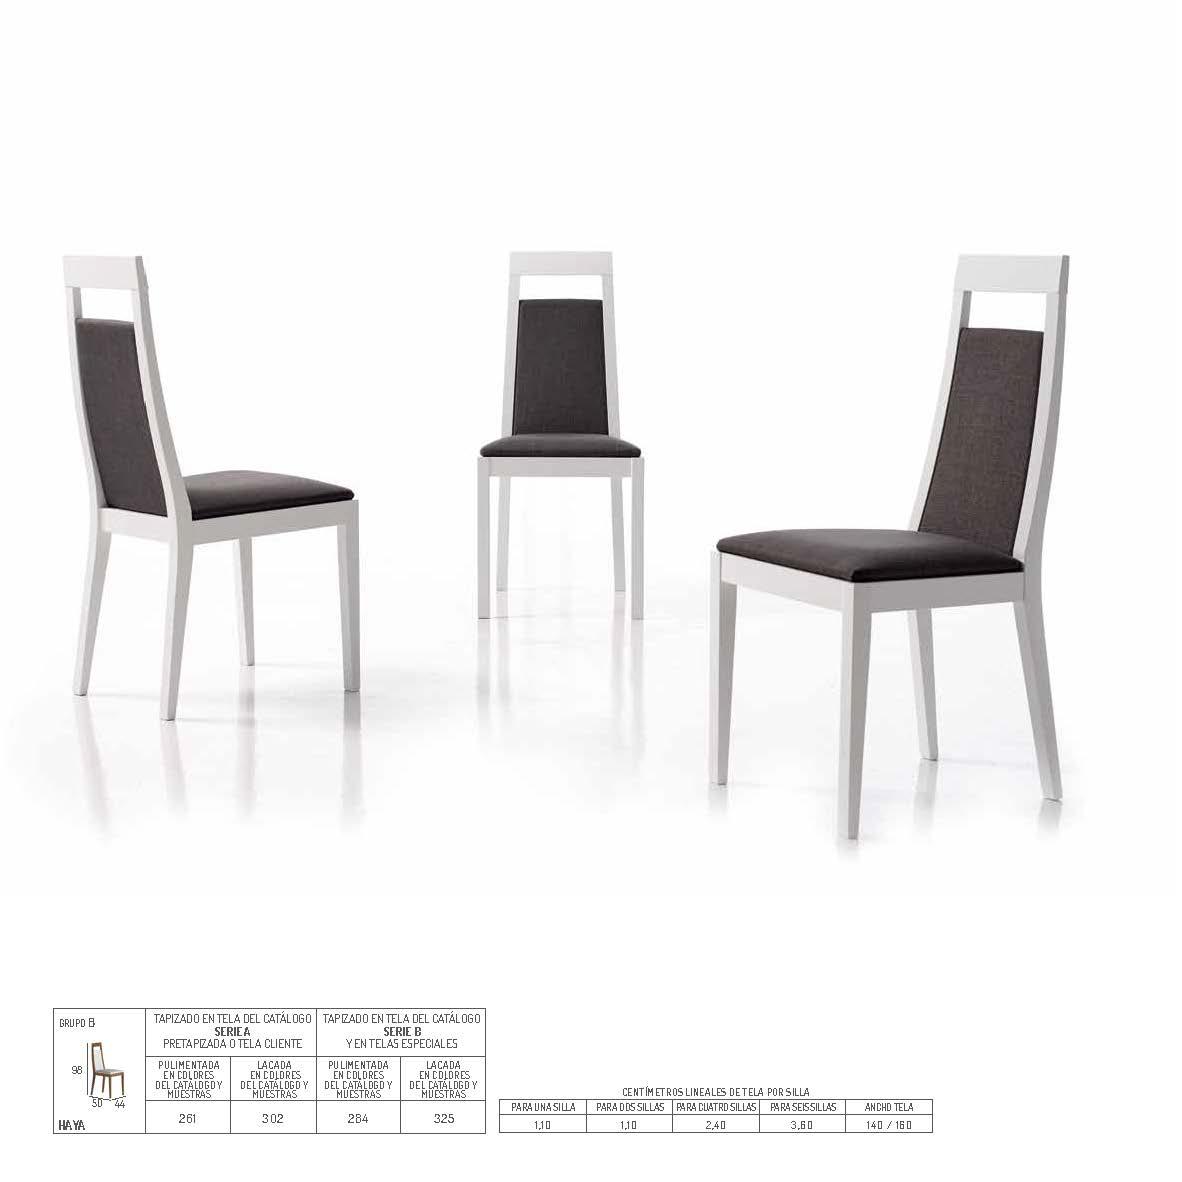 Ficha técnica de sillas de comedor 14f-0016